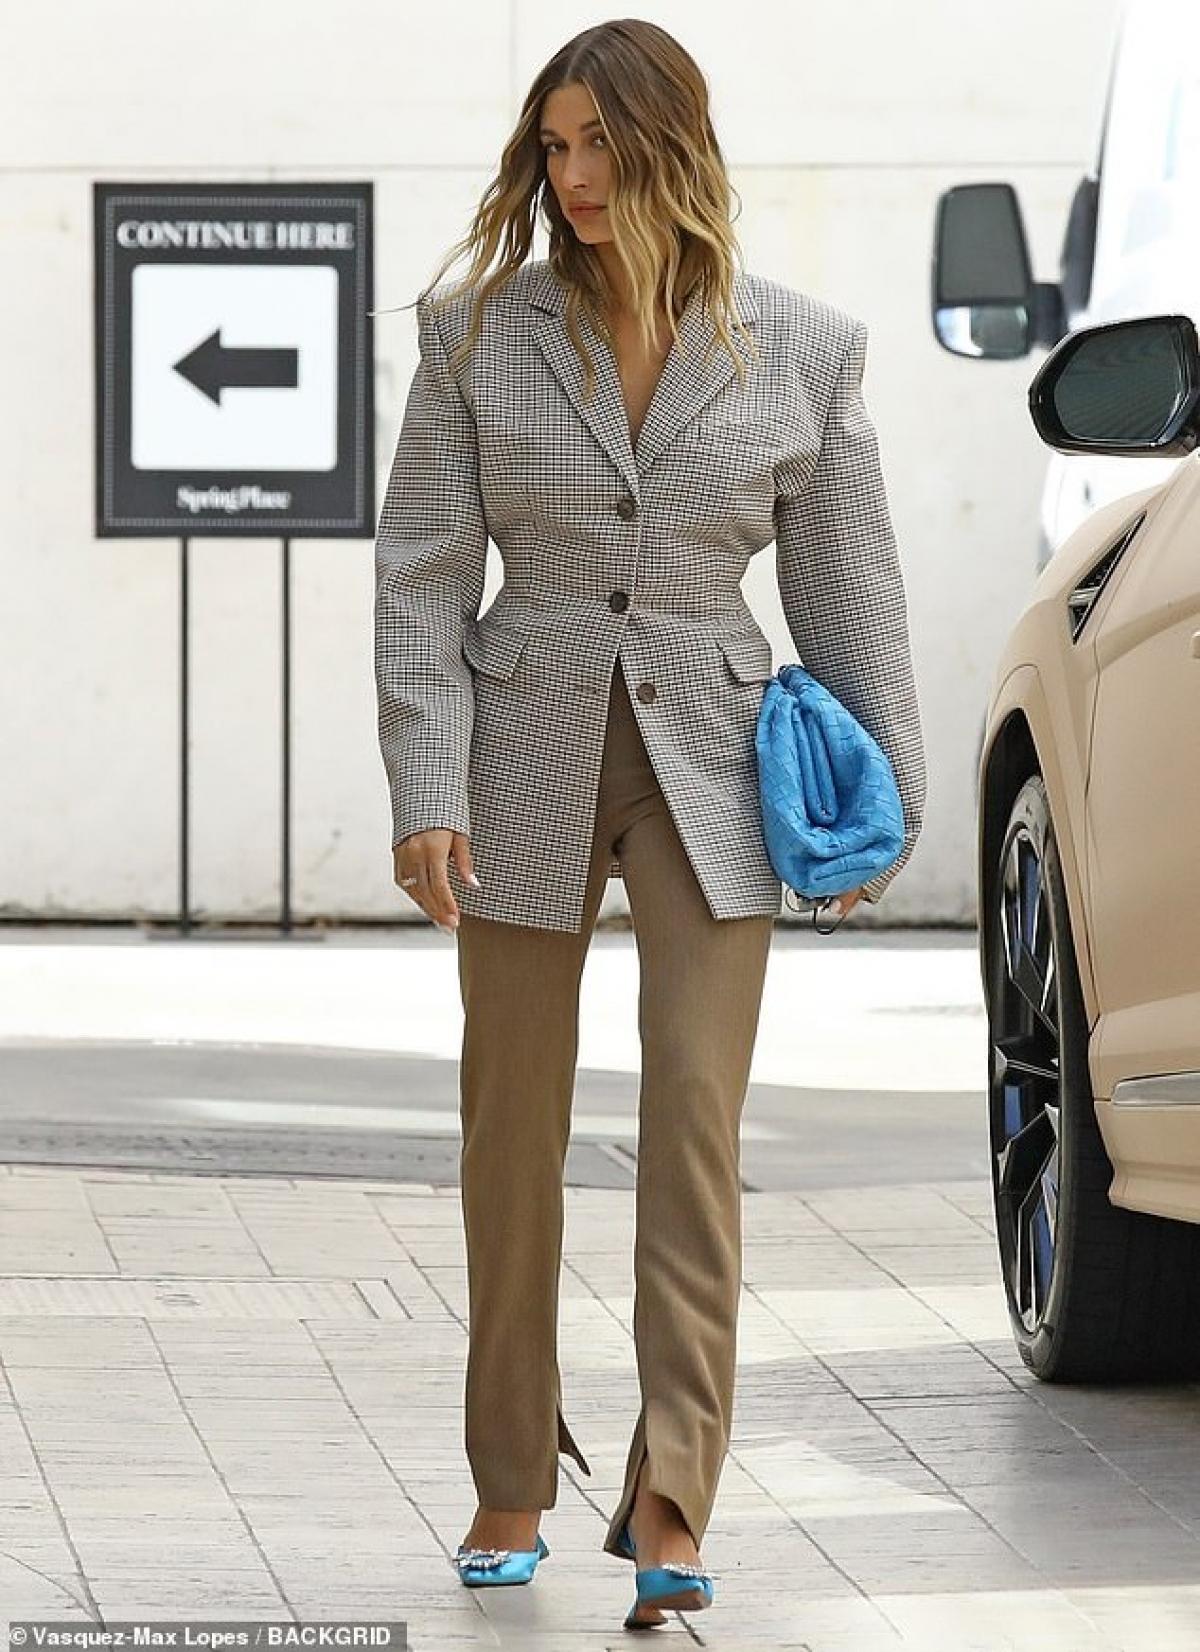 Người đẹp diện chiếc áo blazer phối cùng quần suông thanh lịch, khoe khéo vóc dáng thanh mảnh và đôi chân thon dài gợi cảm.